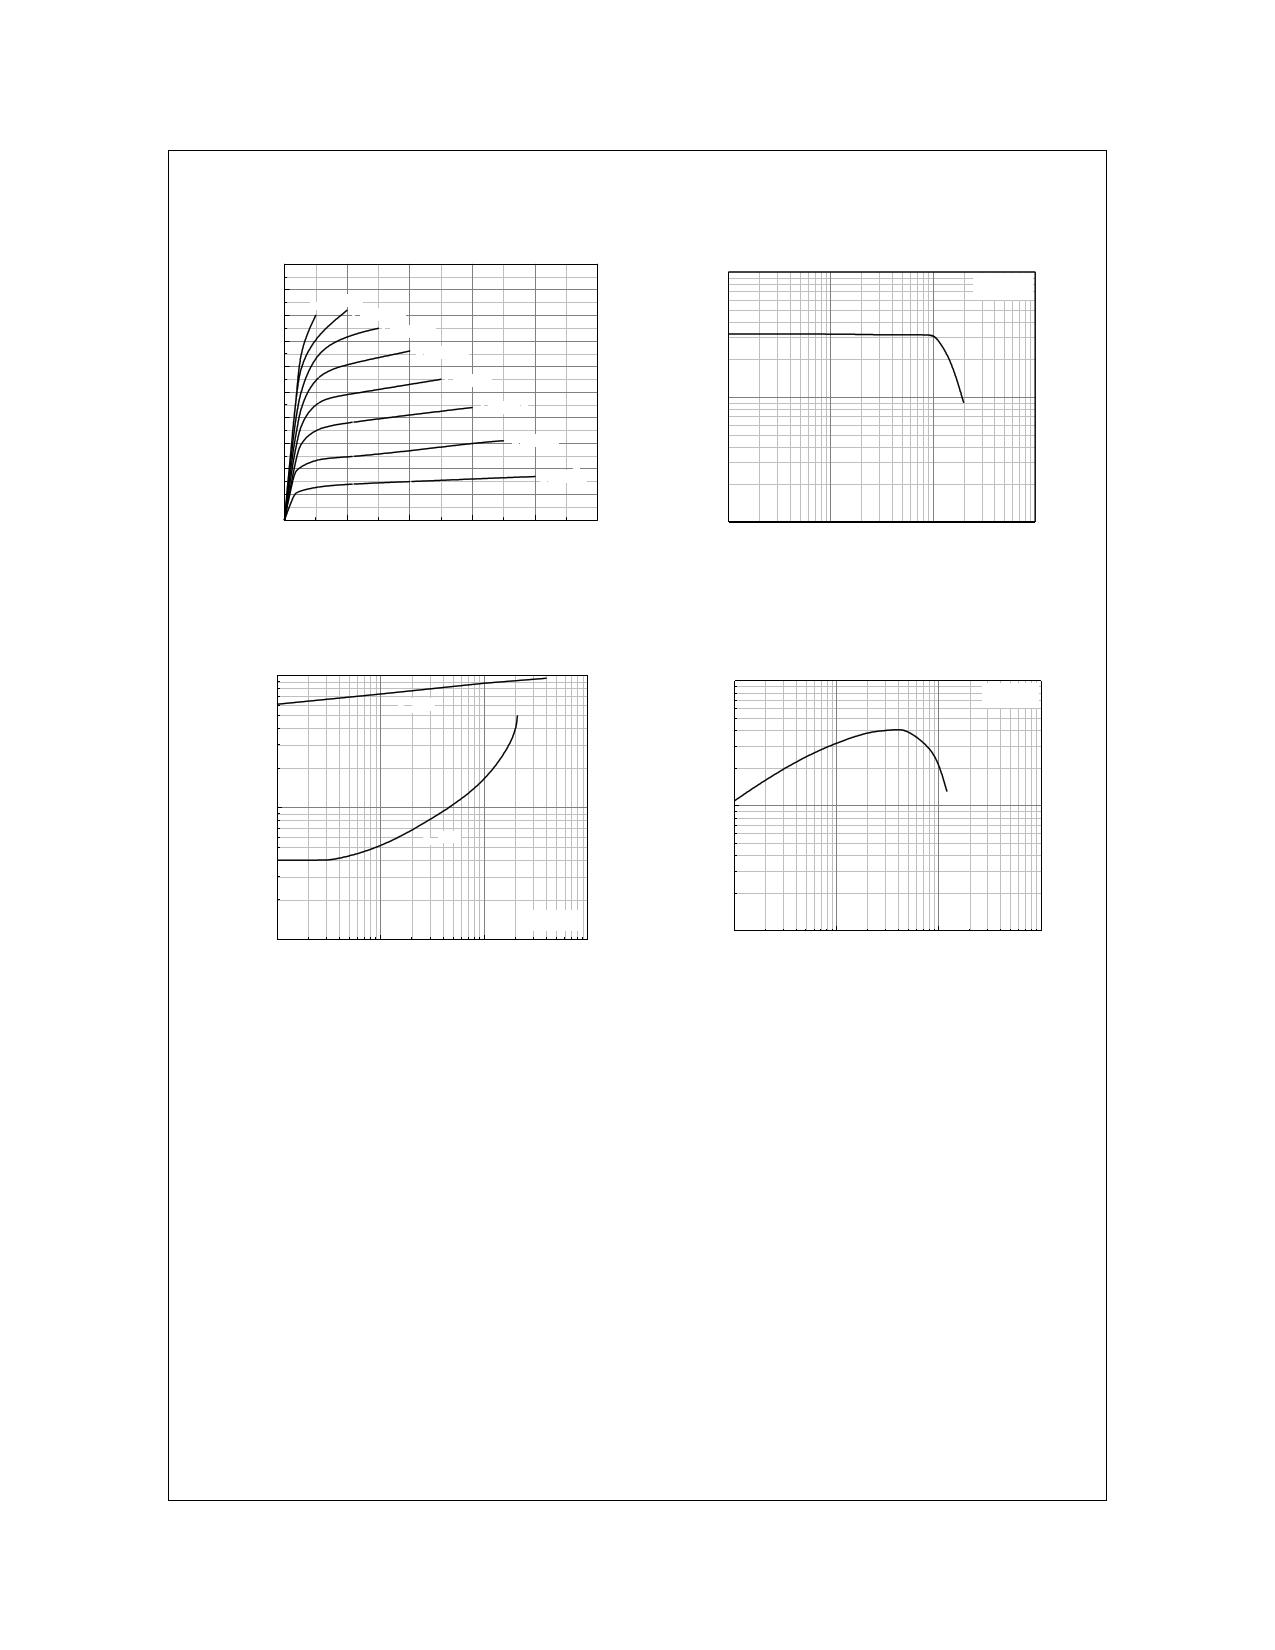 S9014 pdf schematic